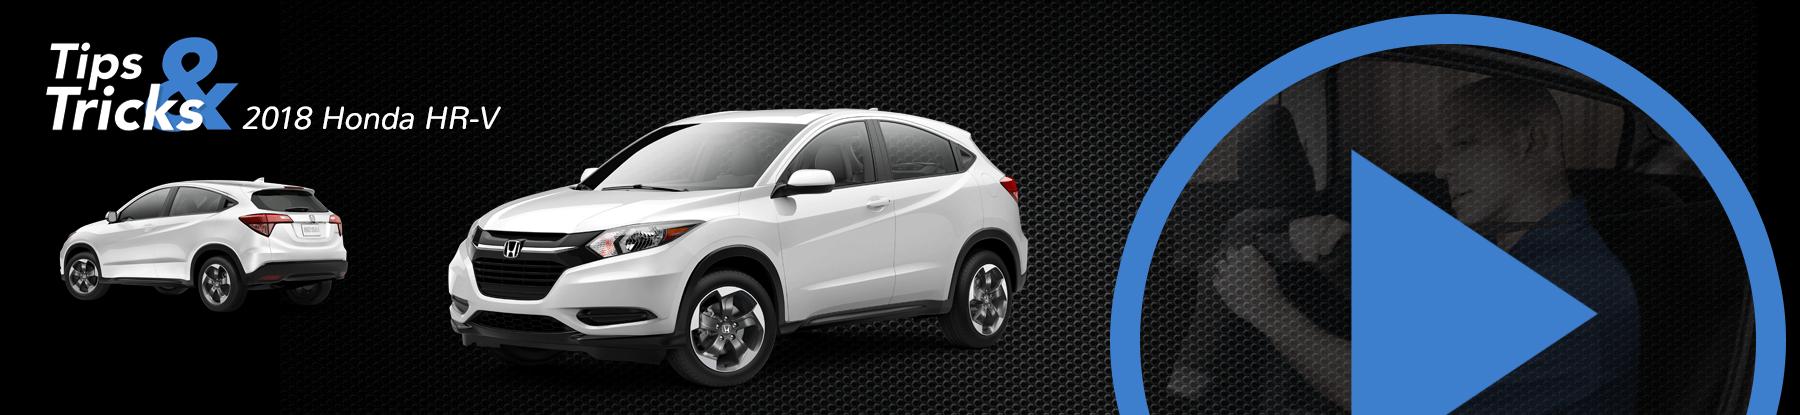 2018 Honda HR-V Tips and Tricks Banner